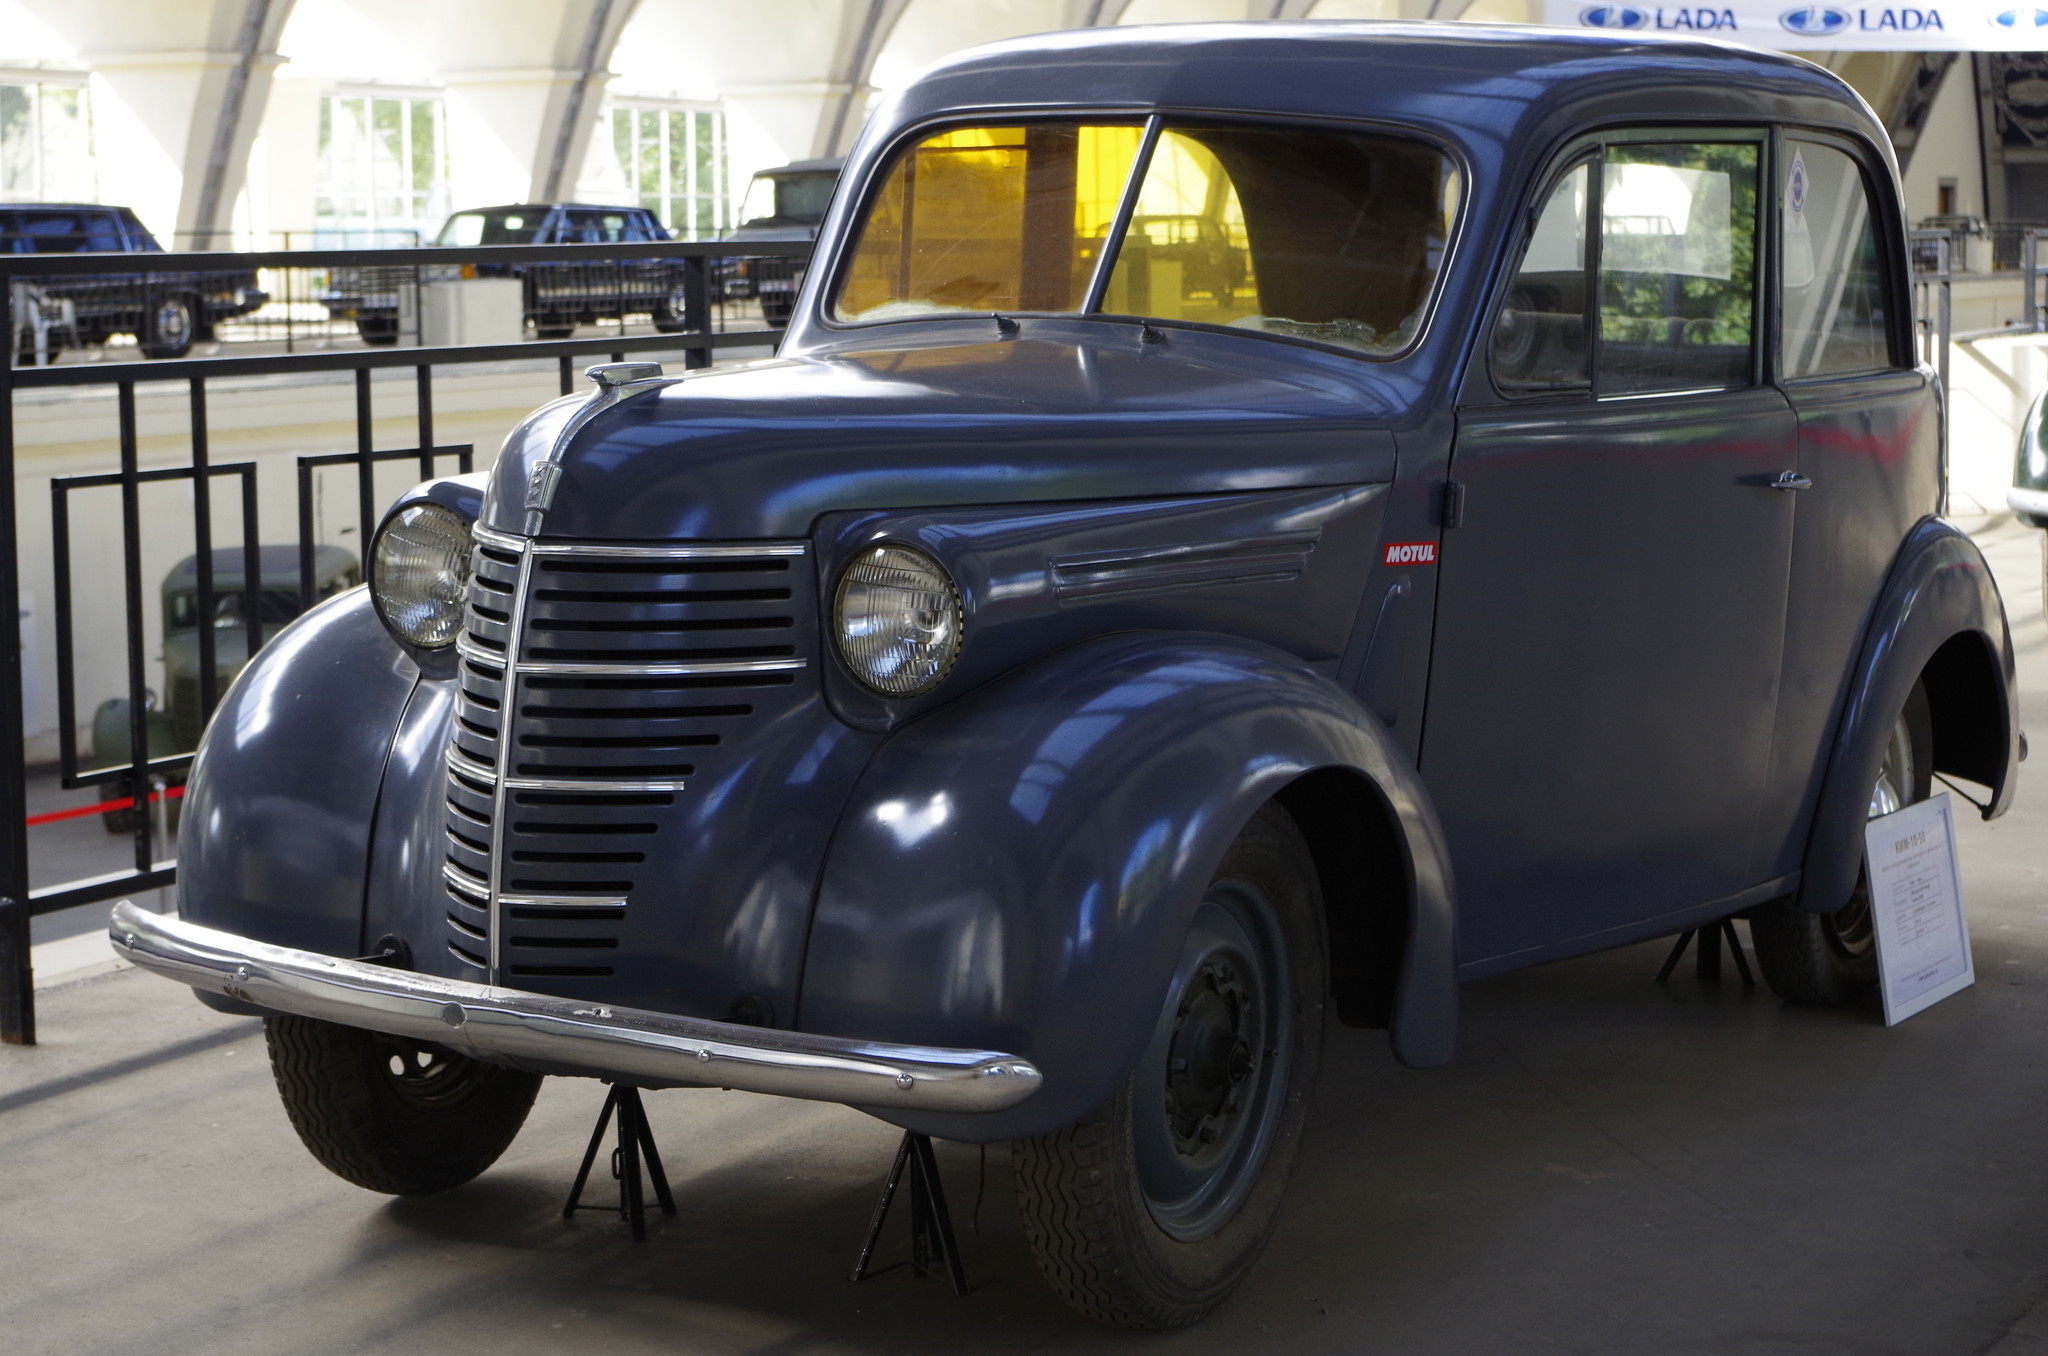 КИМ-10-50. Выпускался в 1940-1941 годах на Московском заводе имени КИМ